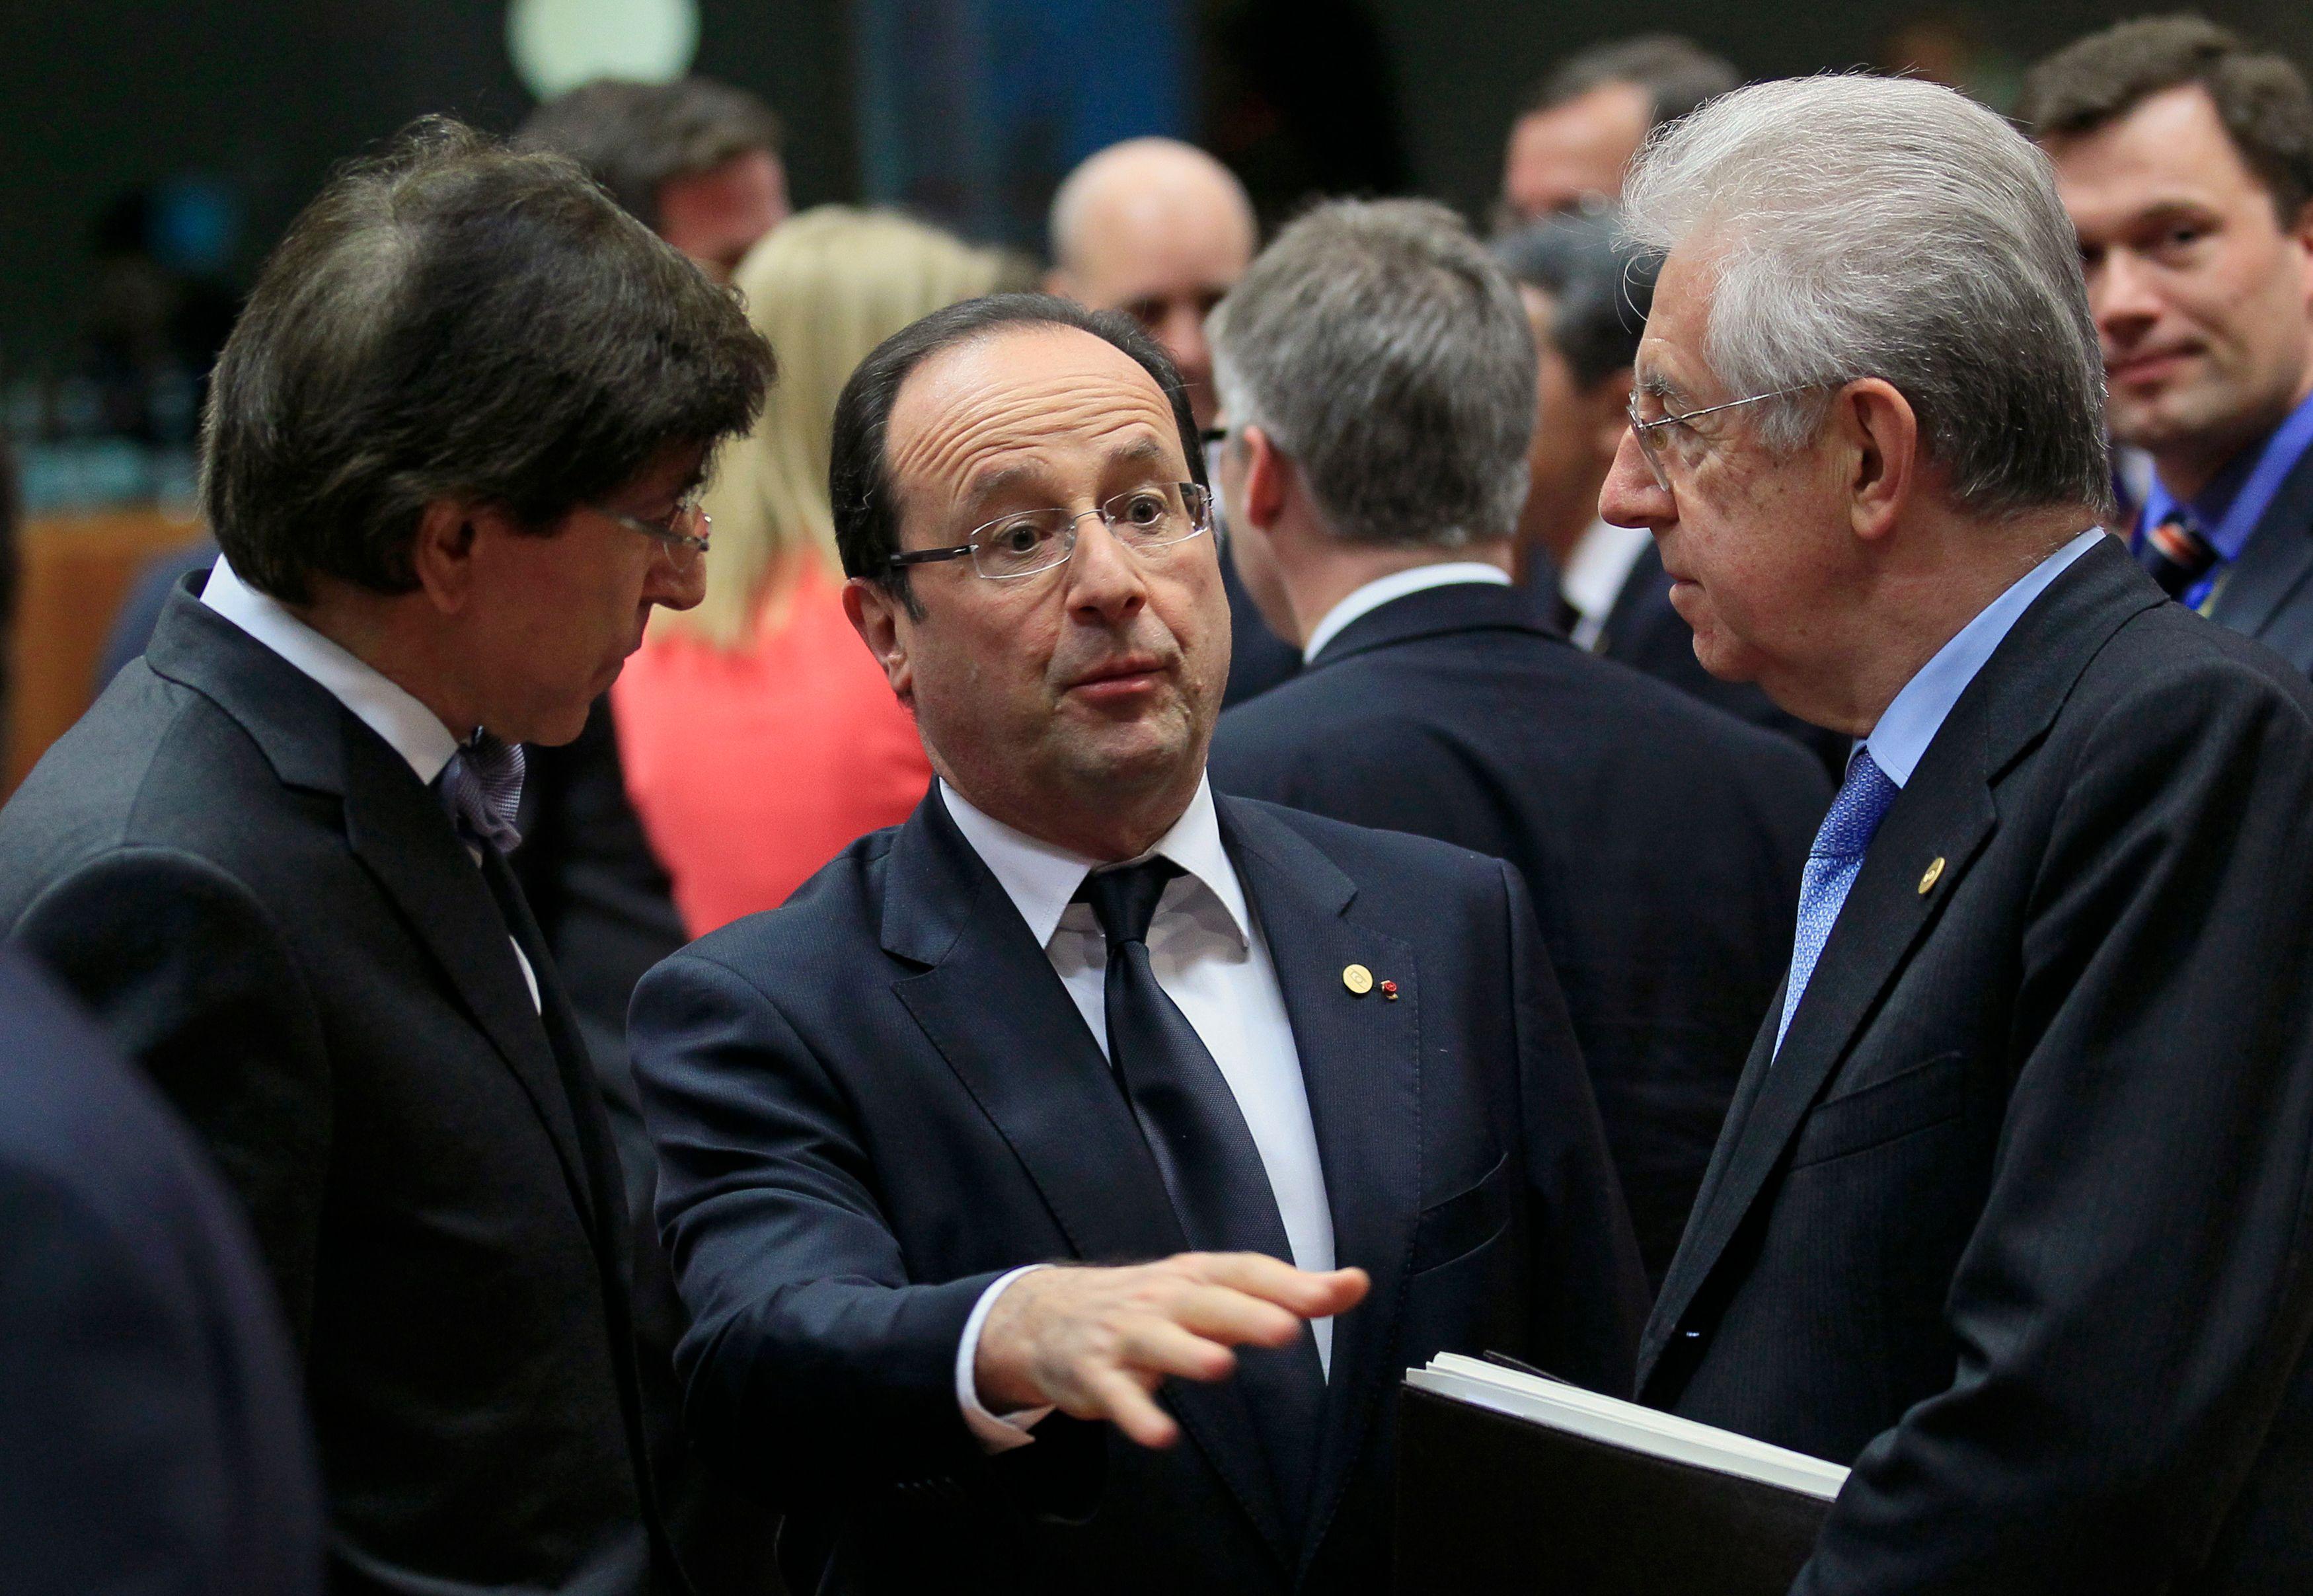 Les 27 chefs d'Etats européens sont réunis pour un nouveau sommet à Bruxelles.